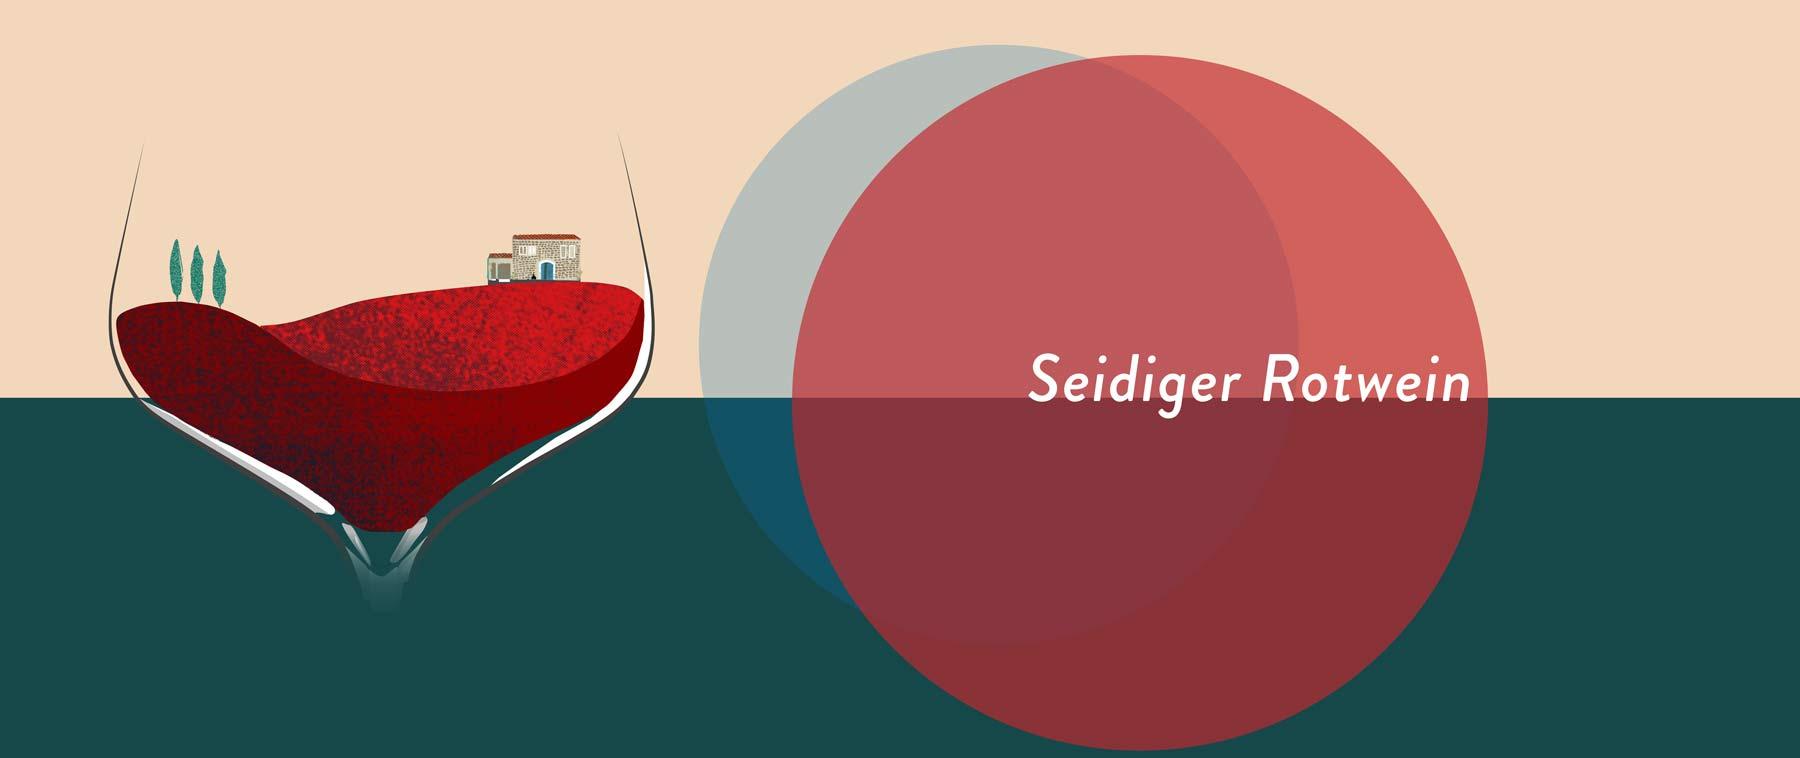 Seidige Weine sind oft hell. Sie stammen von Sorten mit dünnen Schalen, die wenig Gerb- und Farbstoffe an den Wein geben.